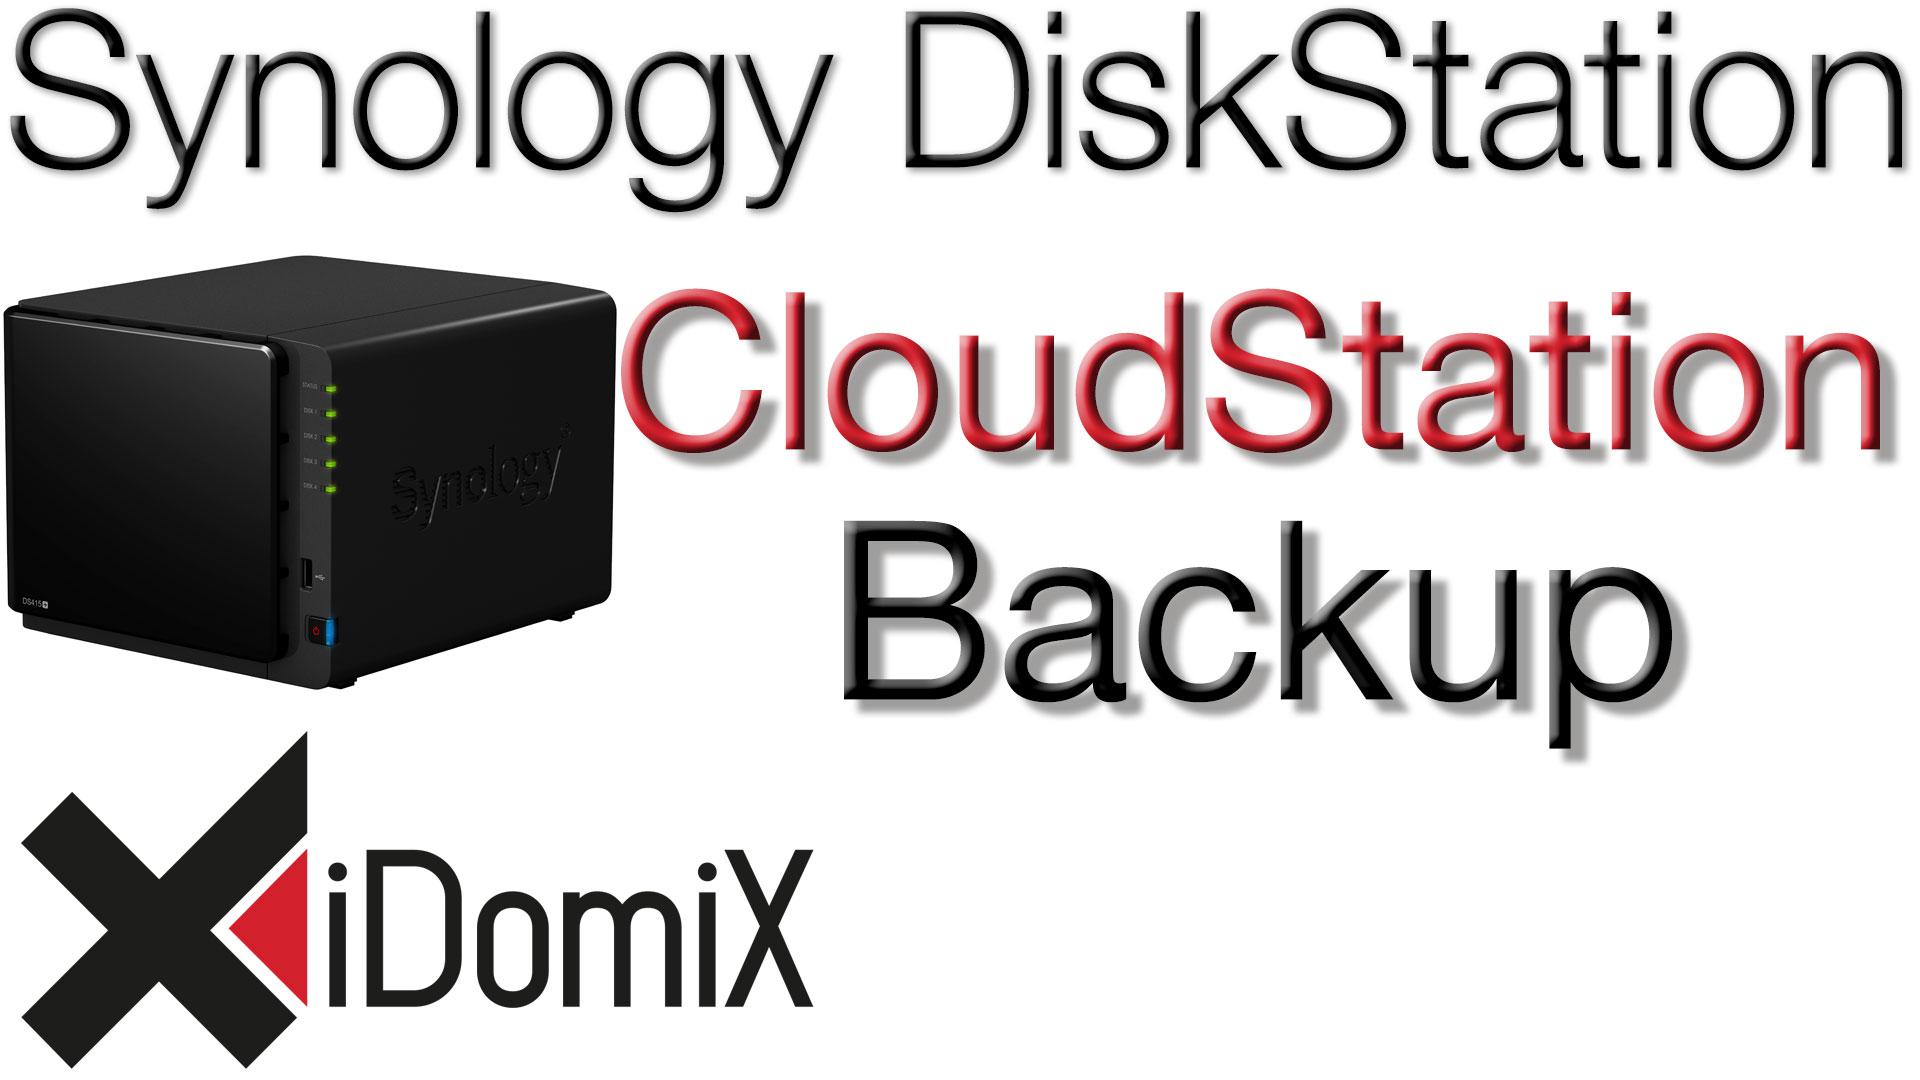 Synology DiskStation DSM 6 Cloud Station Backup einrichten